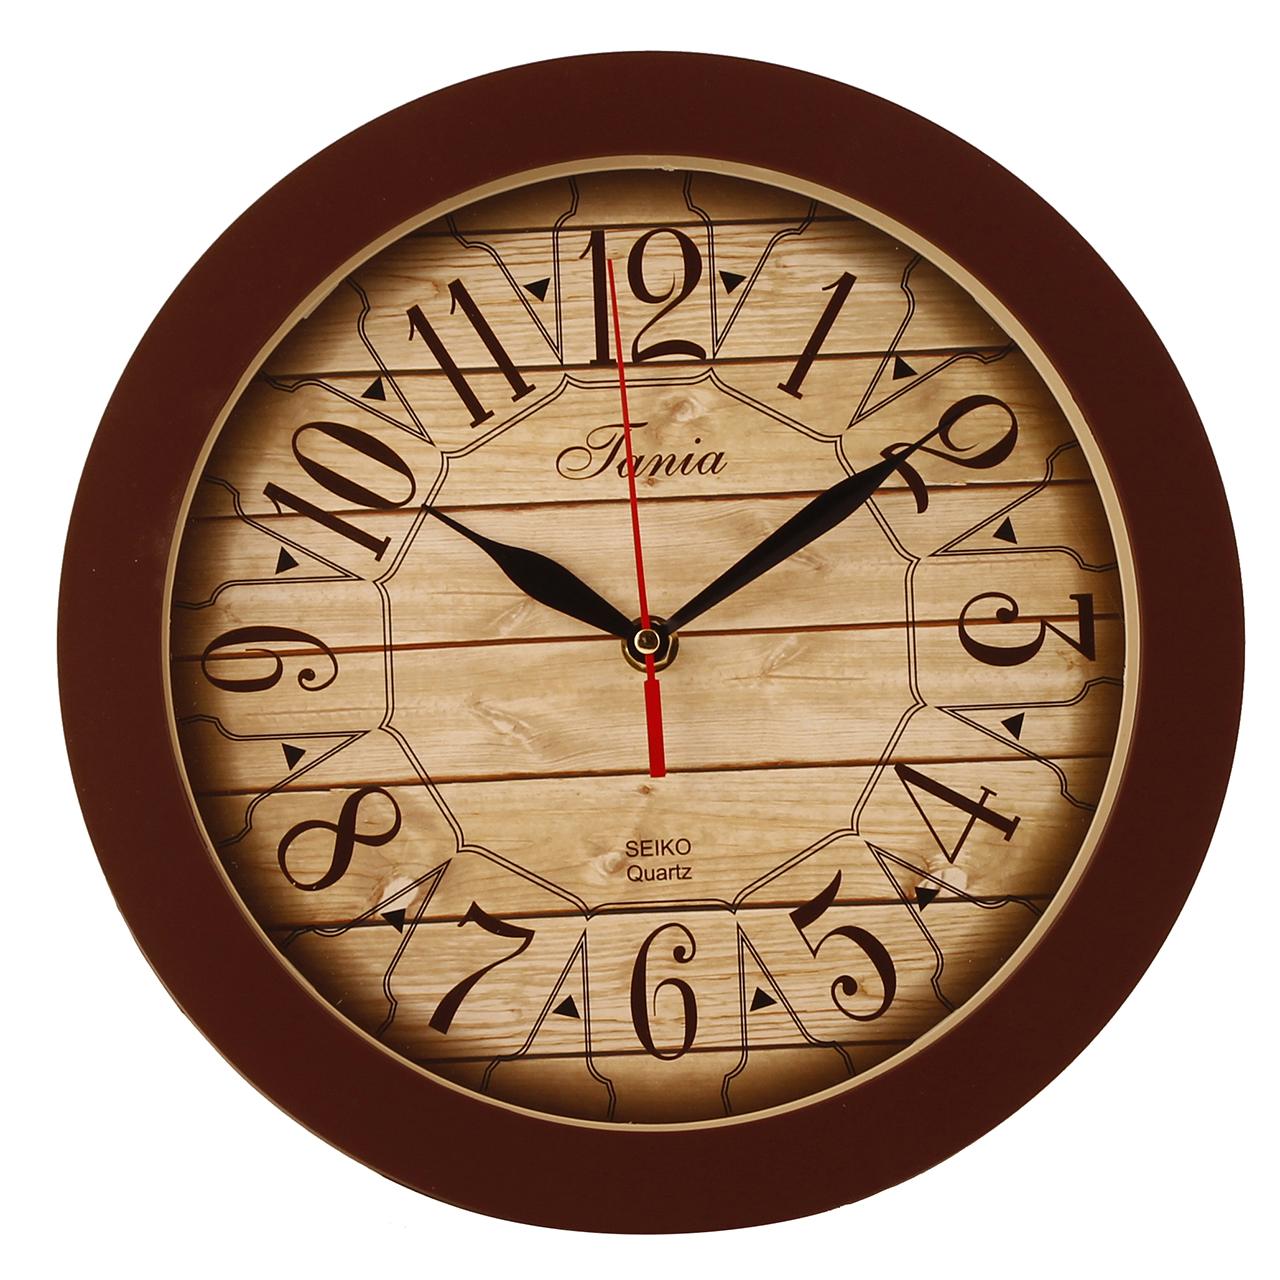 خرید ساعت دیواری تانیا مدل ABB کد DLT-F833